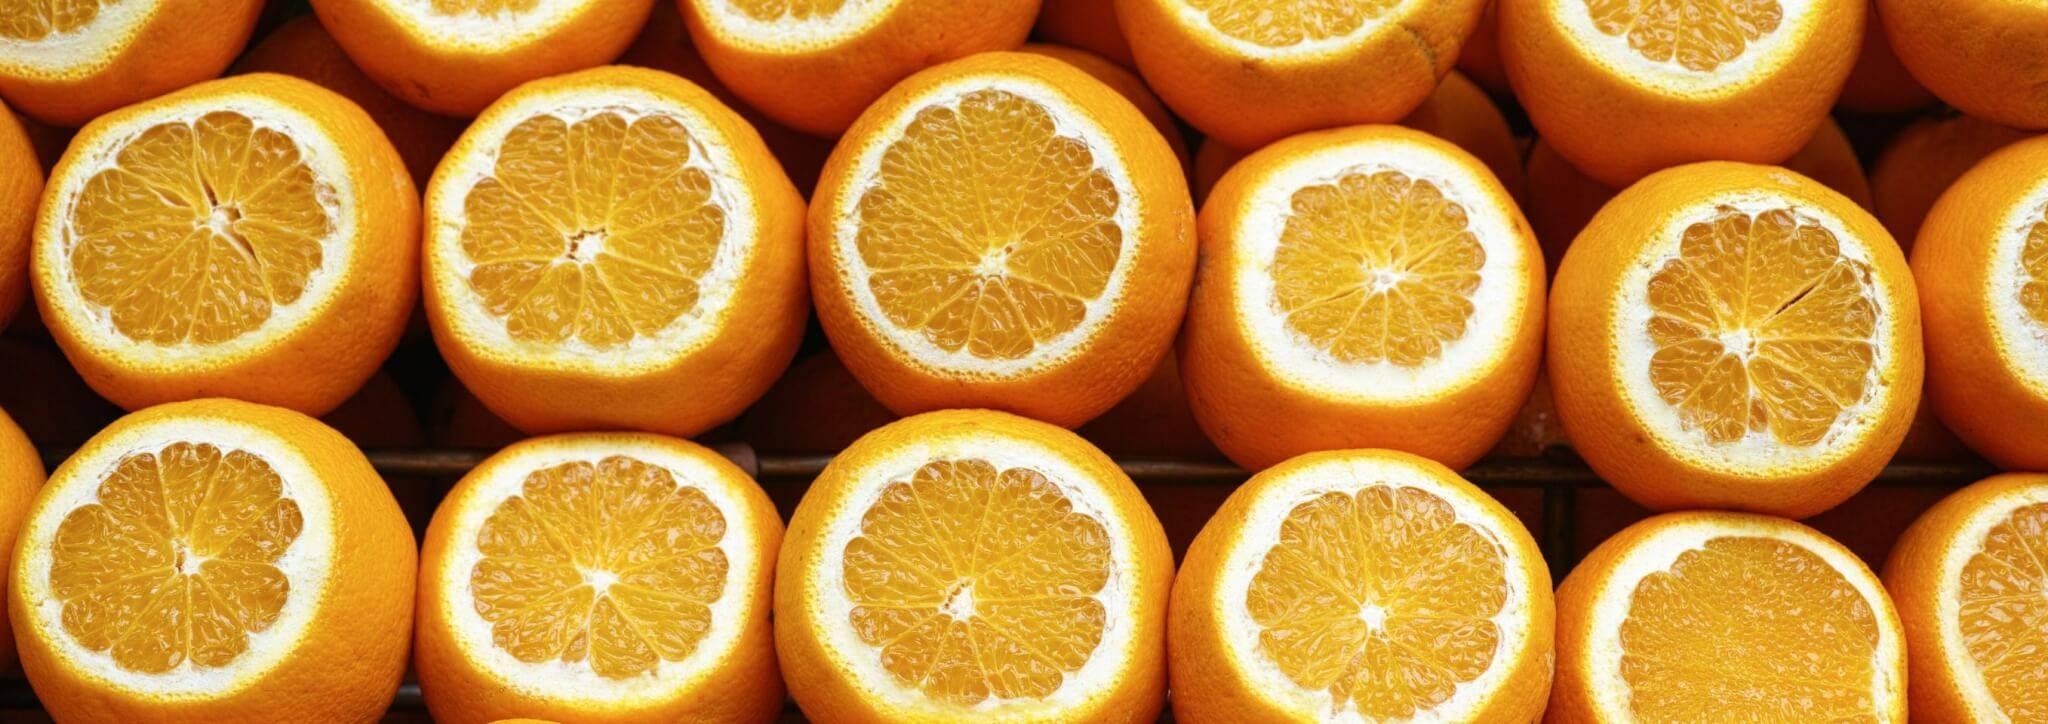 Vitamine C voor hartziekten, geen statines